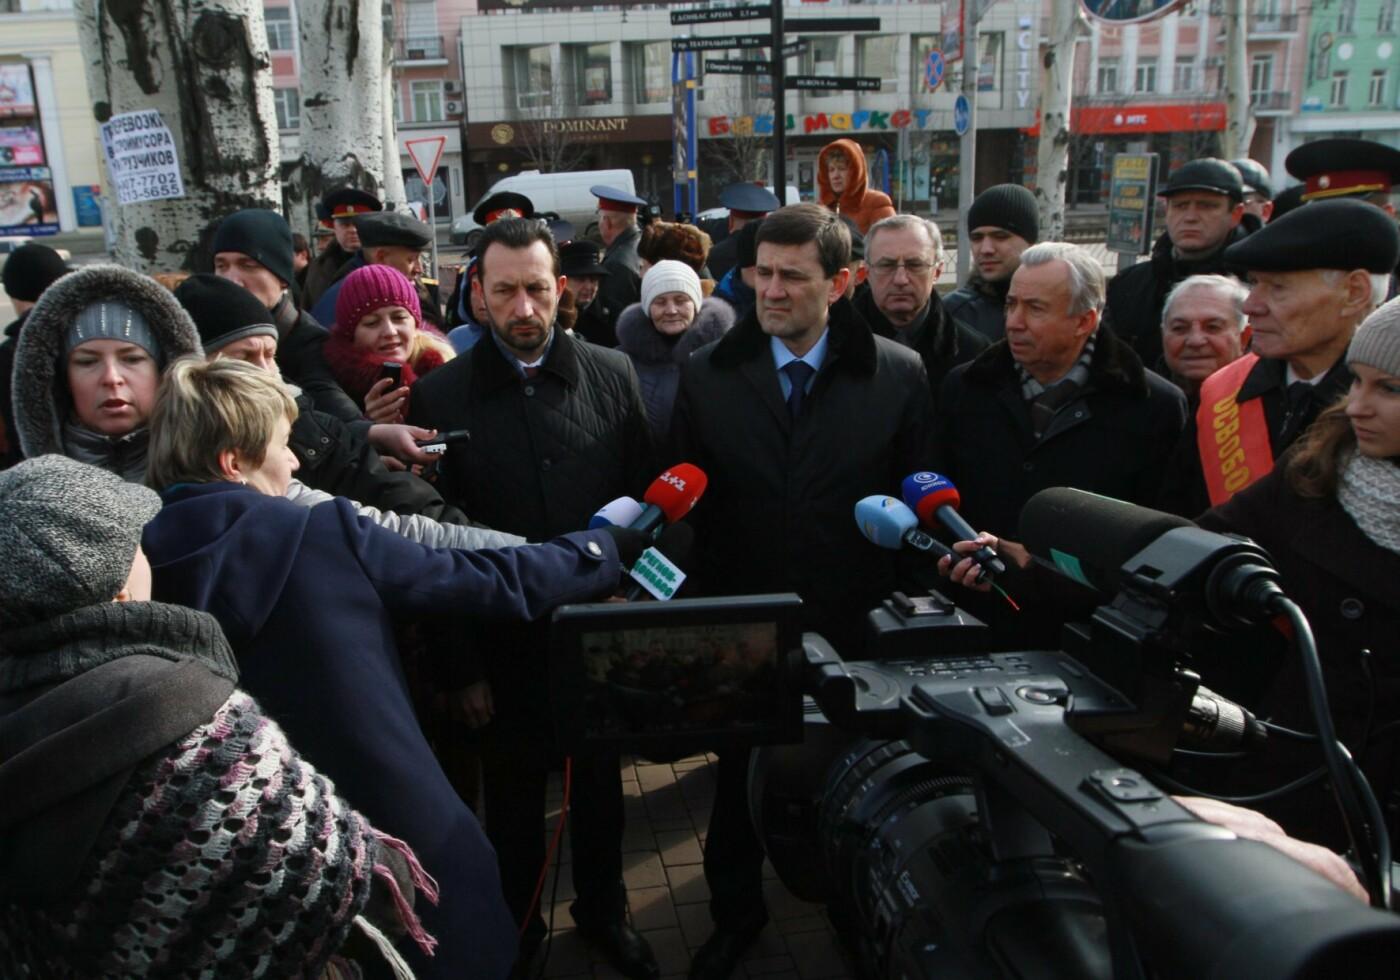 """23 февраля в Донецке 4 года назад: украинцы еще надеялись, но массовка для """"русской весны"""" уже была завезена (Фото), фото-3"""